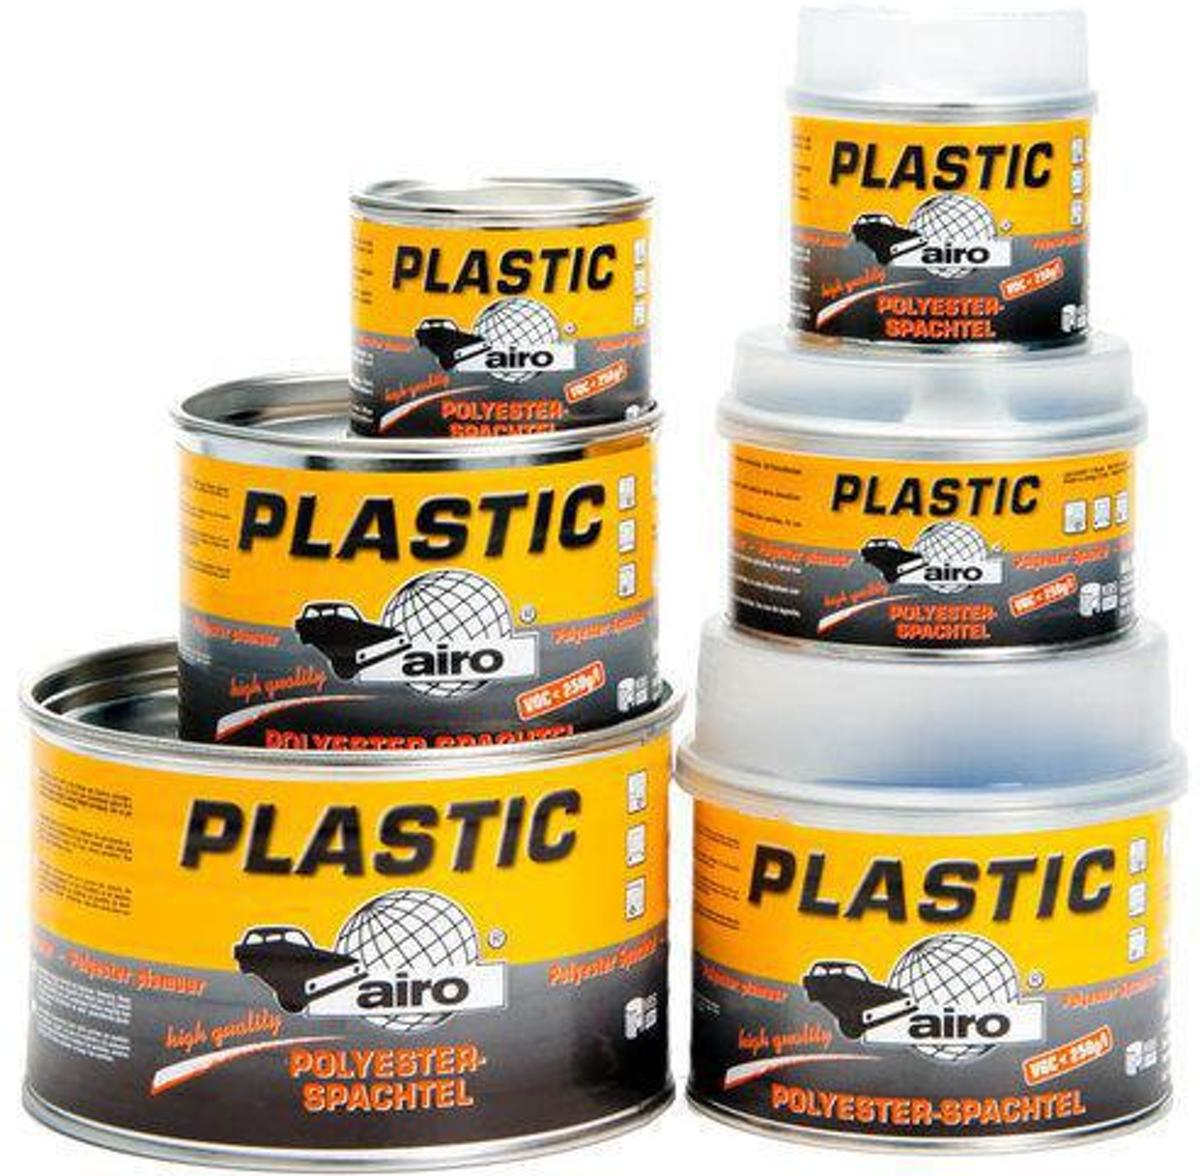 Airo Staalplamuur Plastic 1 kg kopen